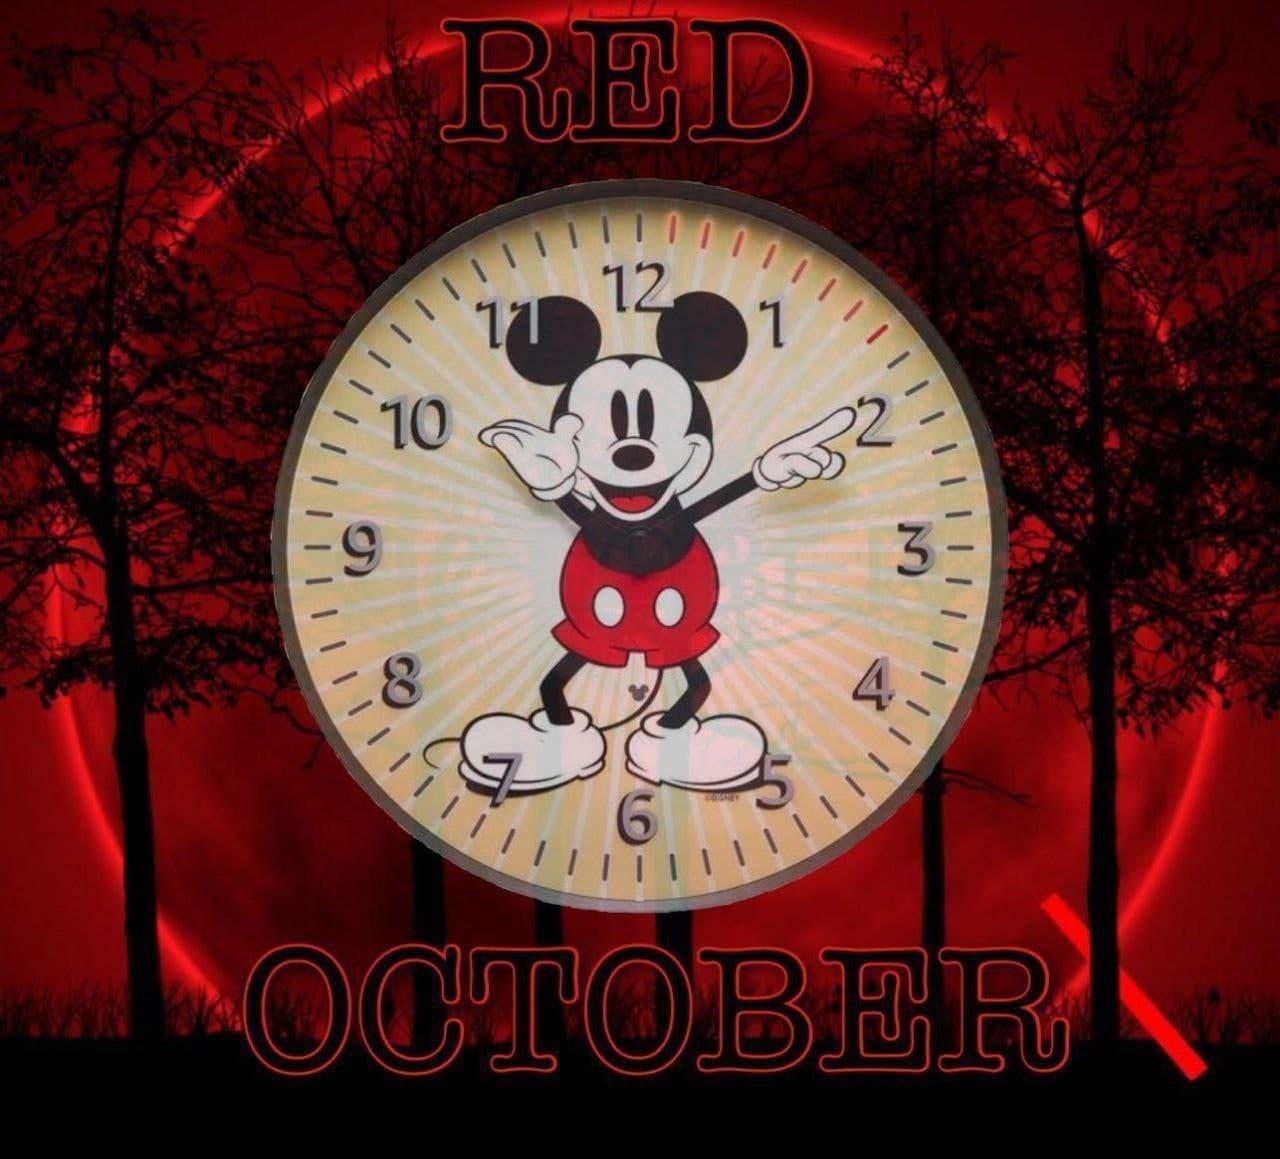 RED OCTOBER _2021-10-02_11-52-30.jpg